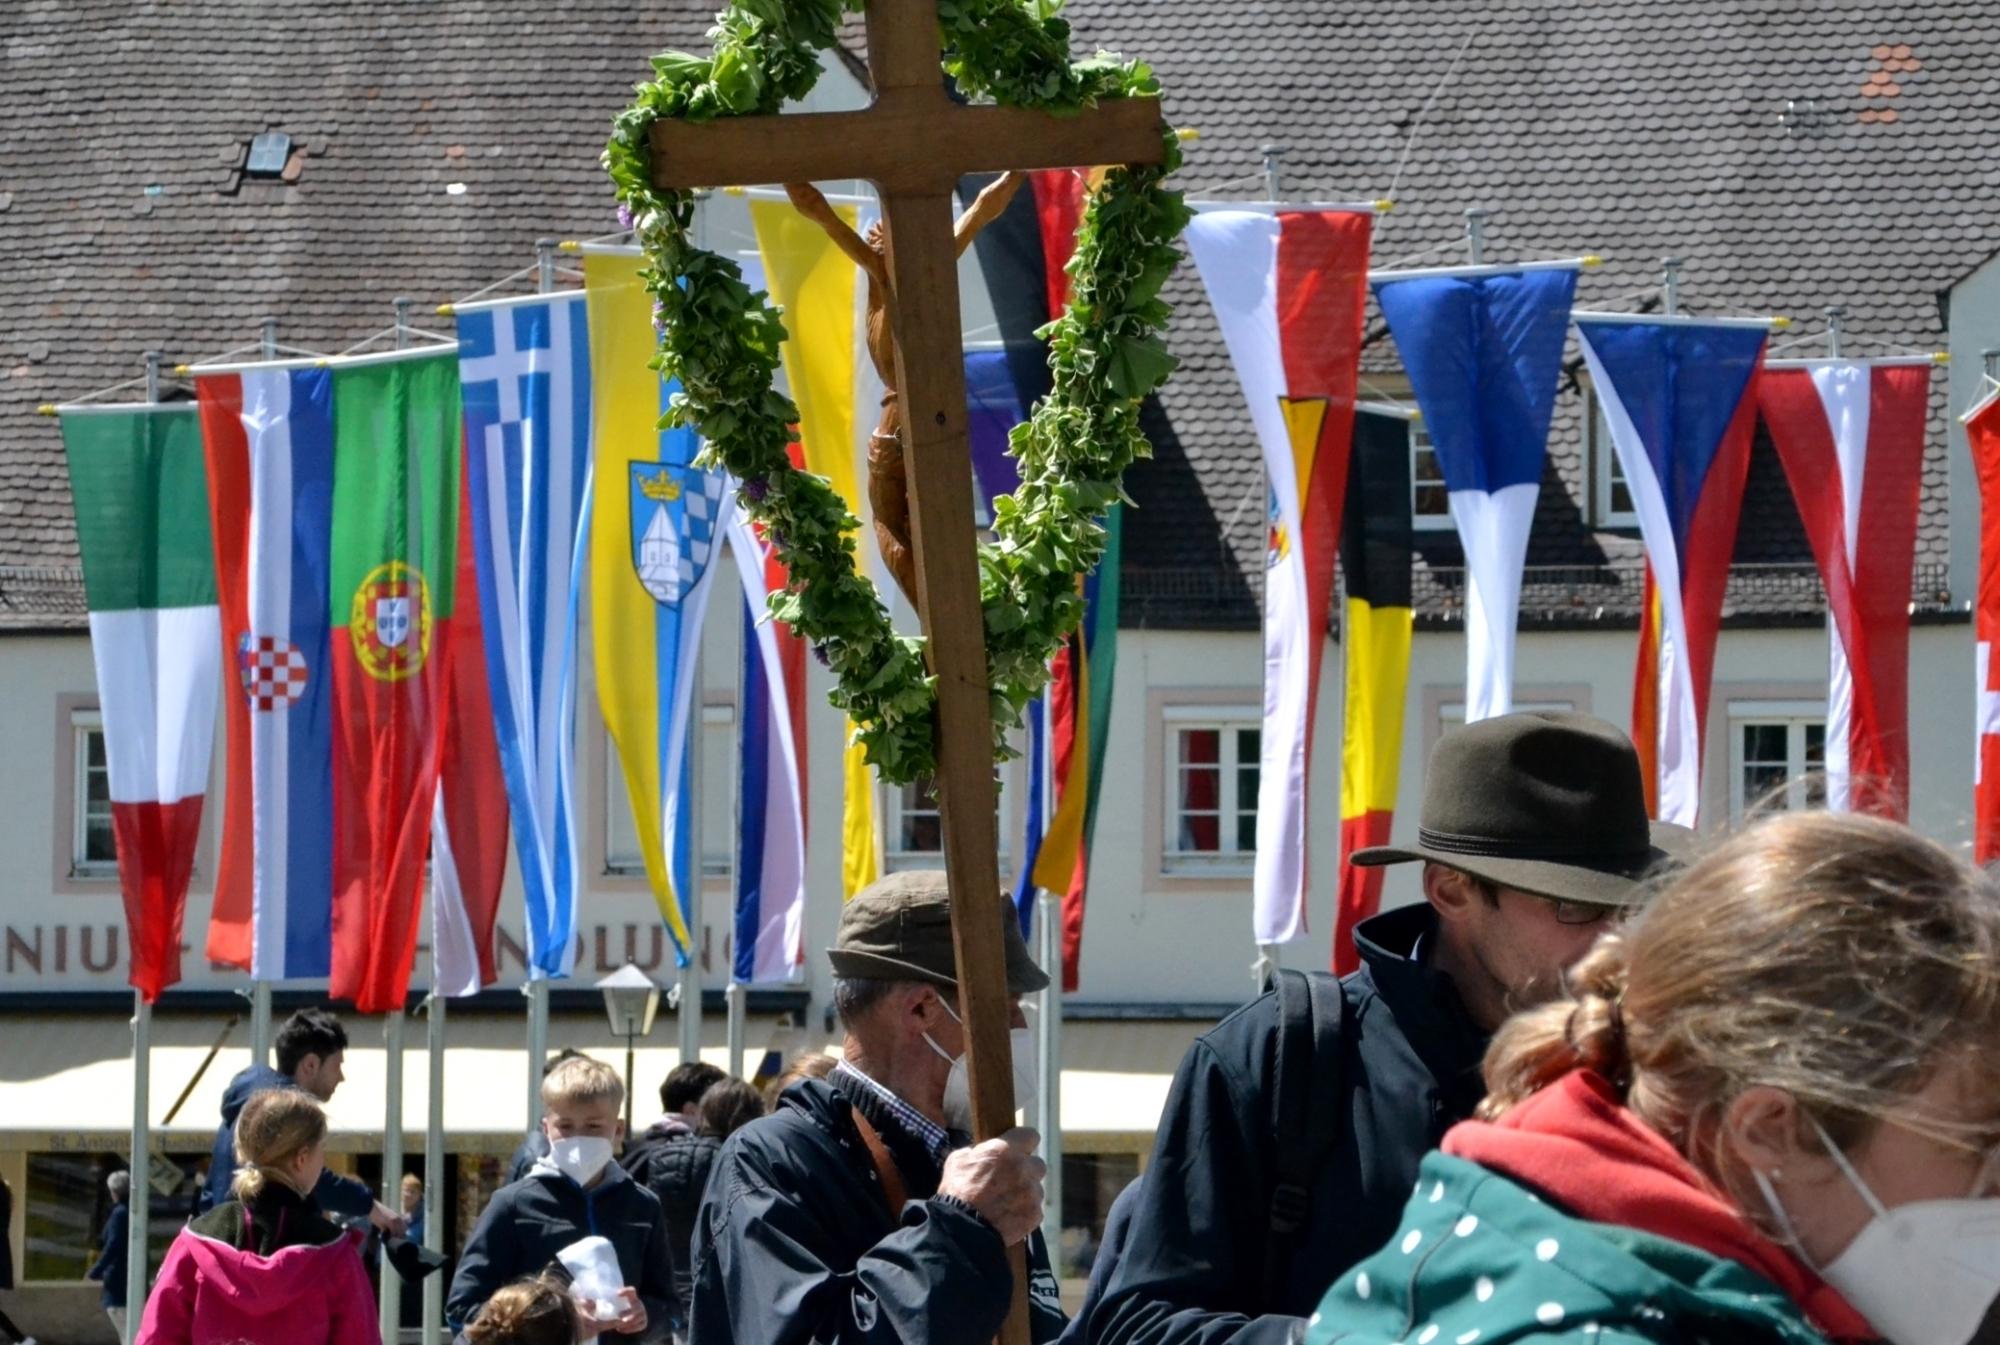 Zeichen für die Welt Pilger trotzen mit Pfingstwallfahrt nach Altötting der weltweiten Corona Pandemie 23 05 2021